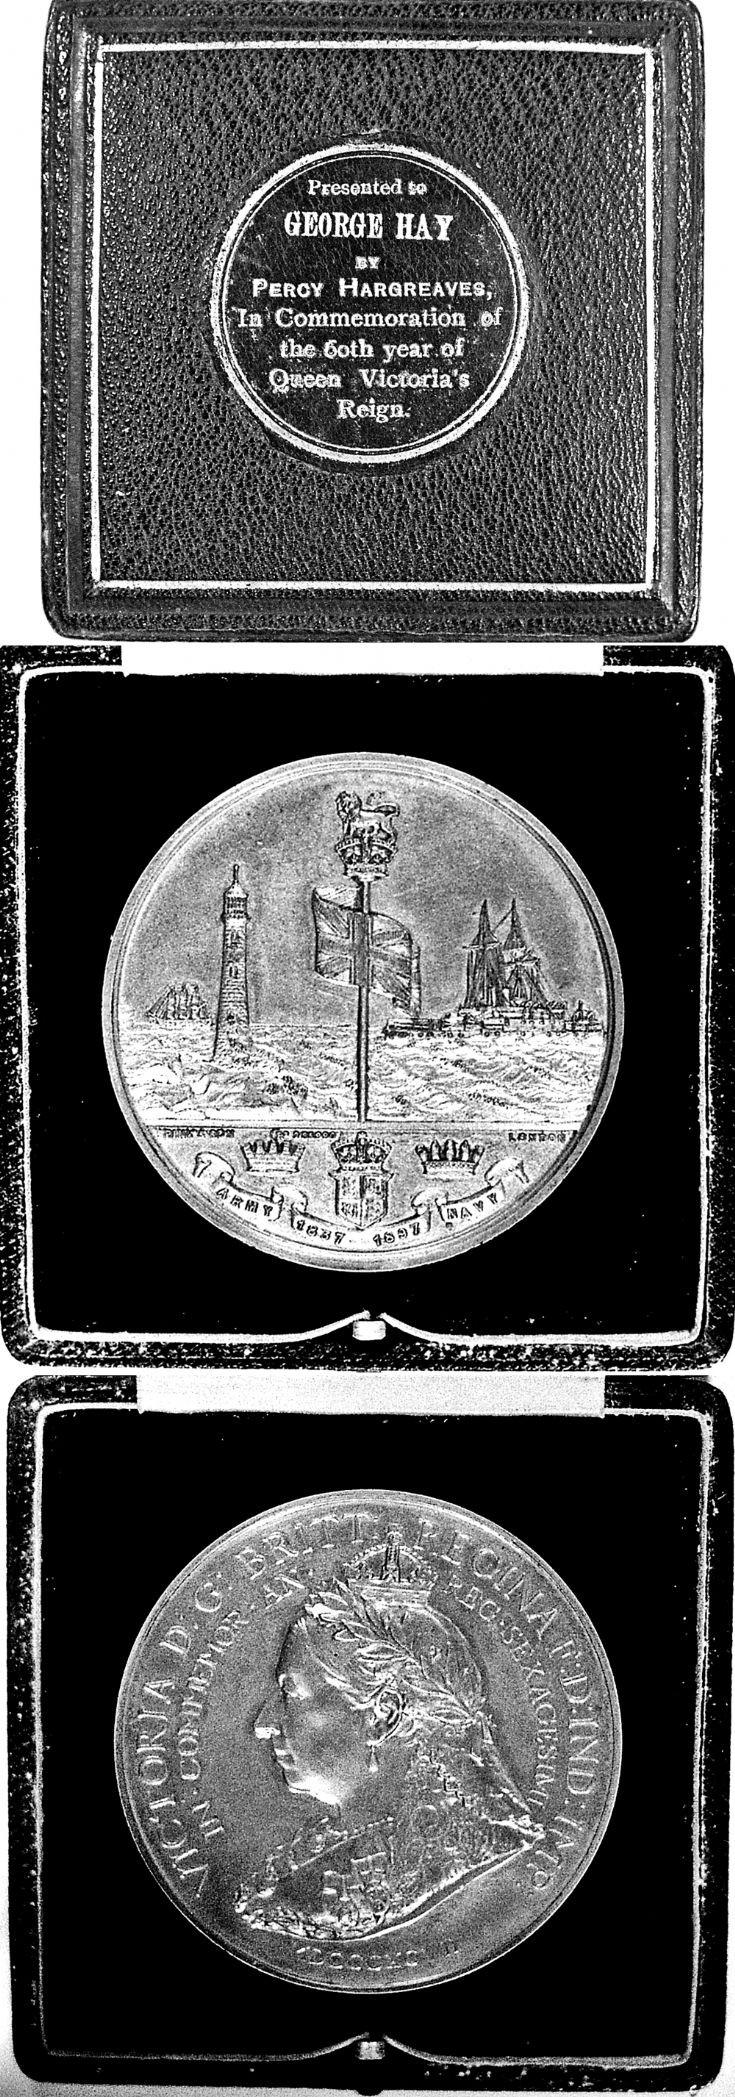 102 Medal to George Hay Craighead Glenbuchat 1897